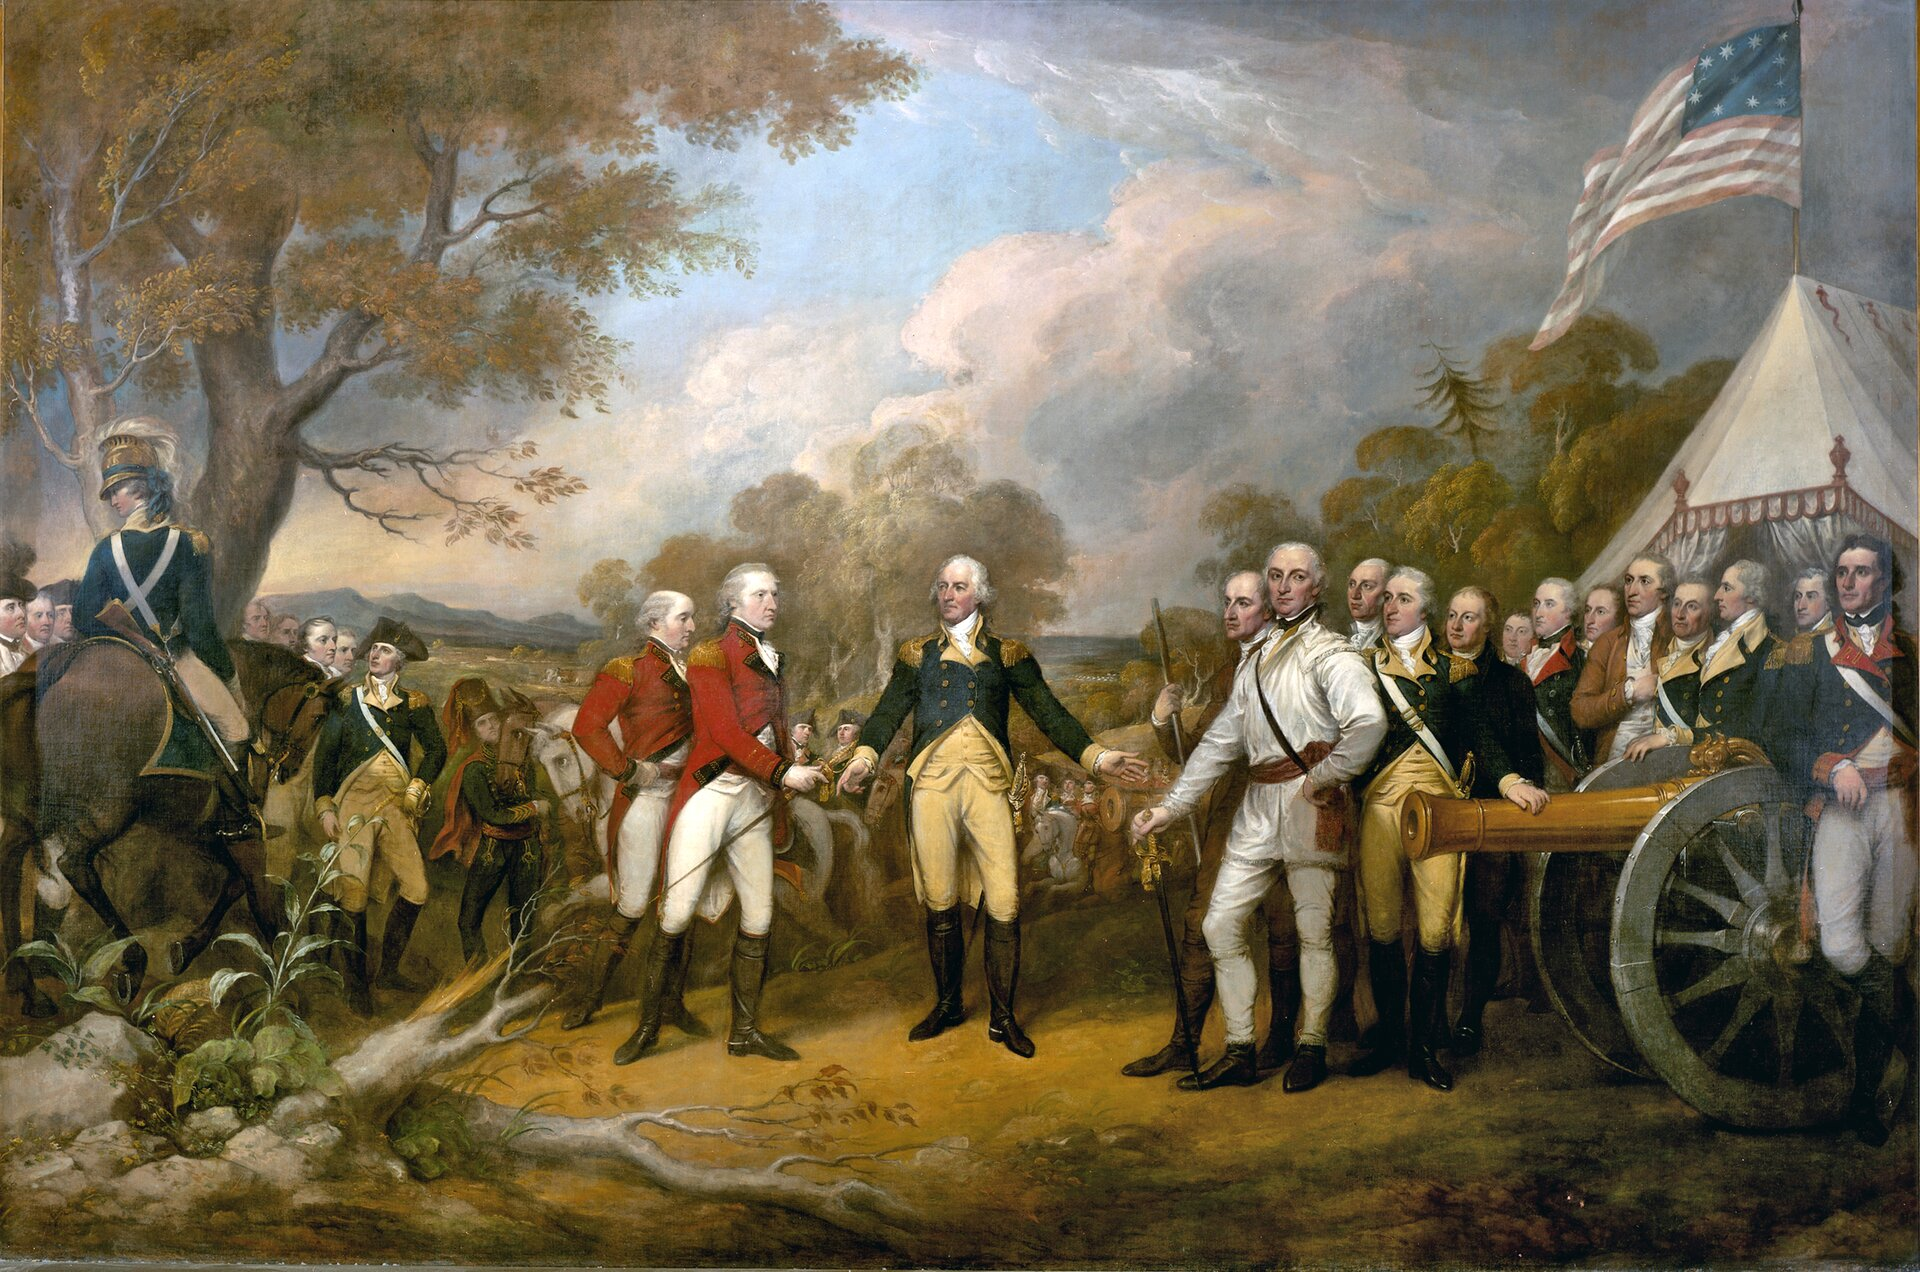 Scenakapitulacji brytyjskiego gen. Johna Burgoyne przed gen. Horatio Gates'em po bitwie pod Saratogą w1777 r.Obraz Johna Trumbulla (1756-1843) eksponowany na Kapitolu wWaszyngtonie powstał w1822 r. na zamówienie Kongresu. Cała seria zamóionych wtym czasie dzieł stanowić miały ilustrację wydarzeń historycznych związanych znowopowstałym państwem. Stąd malarz uważany jest za twórcę amerykańskiego malarstwa historycznego. Trumbull był podczas wojny oniepodległość m.in. sekretarzem J. Waszyngtona igen Horatio Gates'a, jednak zarmii wystąpił jeszcze przed namalowaną później przez siebie bitwą. Scenakapitulacji brytyjskiego gen. Johna Burgoyne przed gen. Horatio Gates'em po bitwie pod Saratogą w1777 r.Obraz Johna Trumbulla (1756-1843) eksponowany na Kapitolu wWaszyngtonie powstał w1822 r. na zamówienie Kongresu. Cała seria zamóionych wtym czasie dzieł stanowić miały ilustrację wydarzeń historycznych związanych znowopowstałym państwem. Stąd malarz uważany jest za twórcę amerykańskiego malarstwa historycznego. Trumbull był podczas wojny oniepodległość m.in. sekretarzem J. Waszyngtona igen Horatio Gates'a, jednak zarmii wystąpił jeszcze przed namalowaną później przez siebie bitwą. Źródło: John Trumbull, 1821, Olej na płótnie, United States Capitol, domena publiczna.